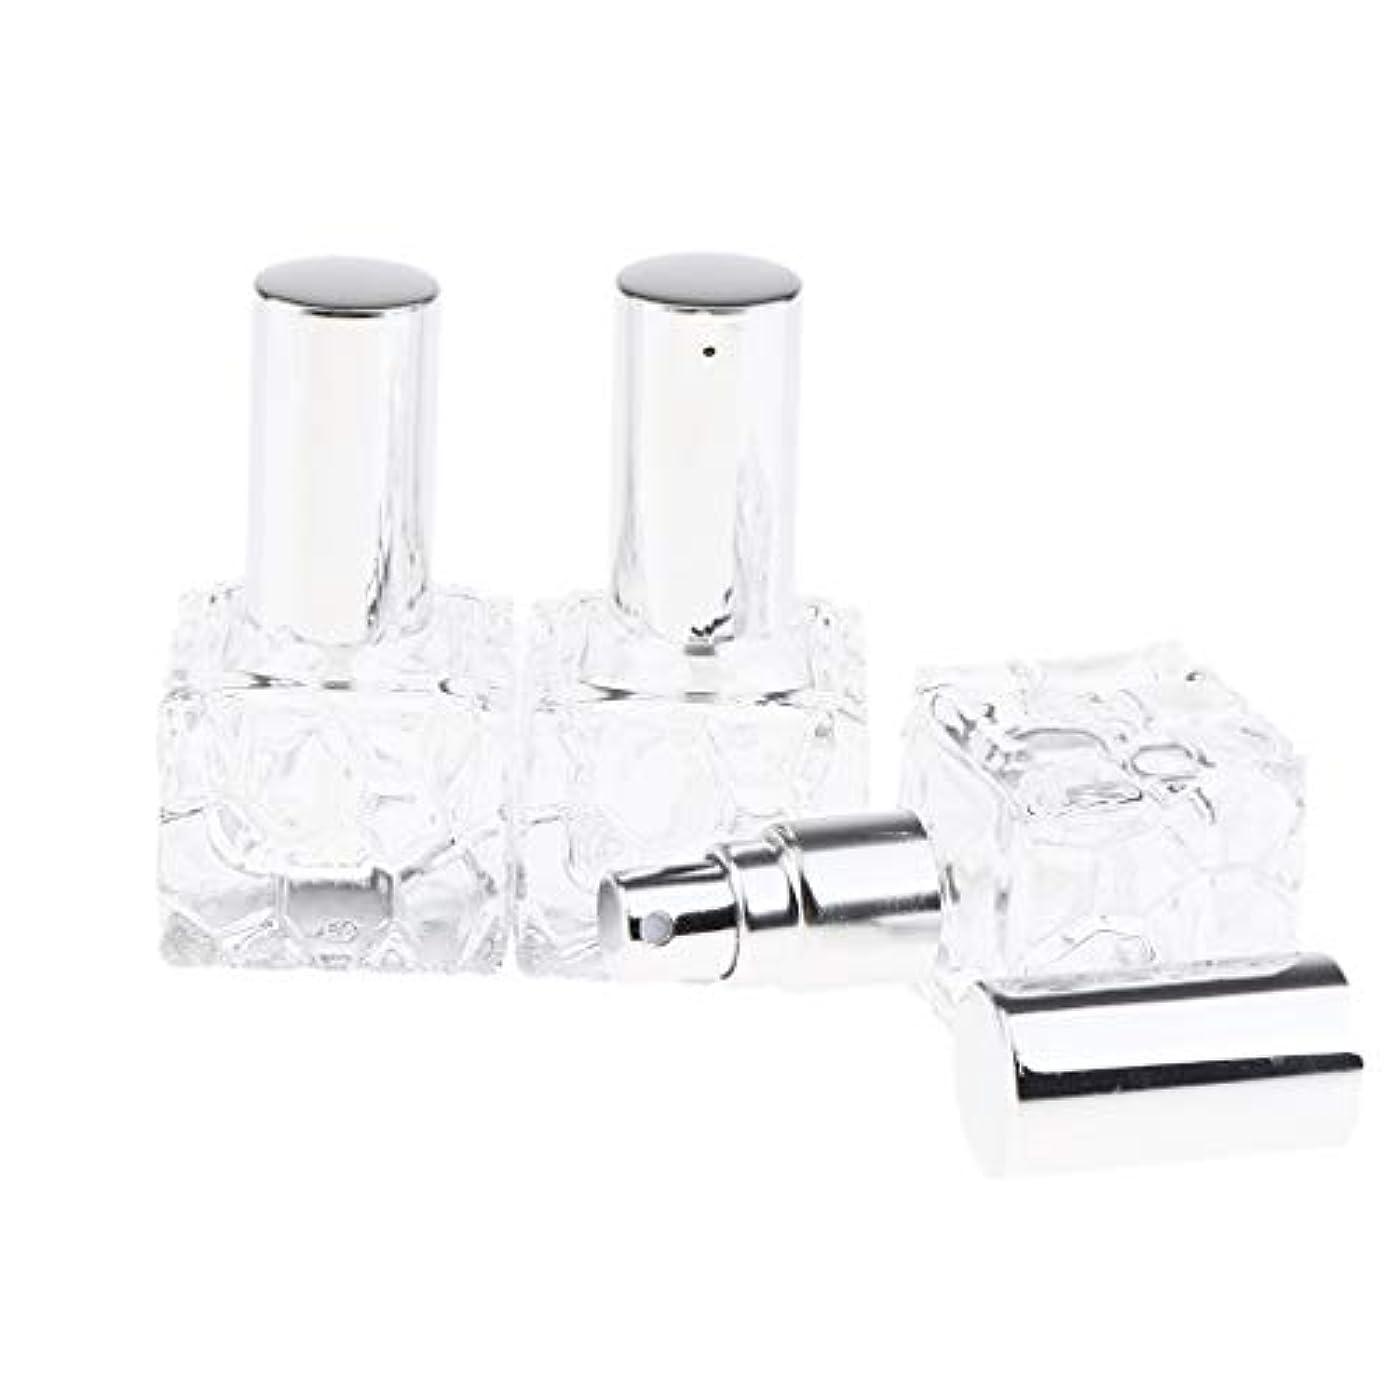 腐食する目の前の飢Injoyo スプレーボトル ガラス 香水瓶 ポンプ式 アトマイザー 香水 保存 アロマ保存容器 2種選択でき - 10ml 3個